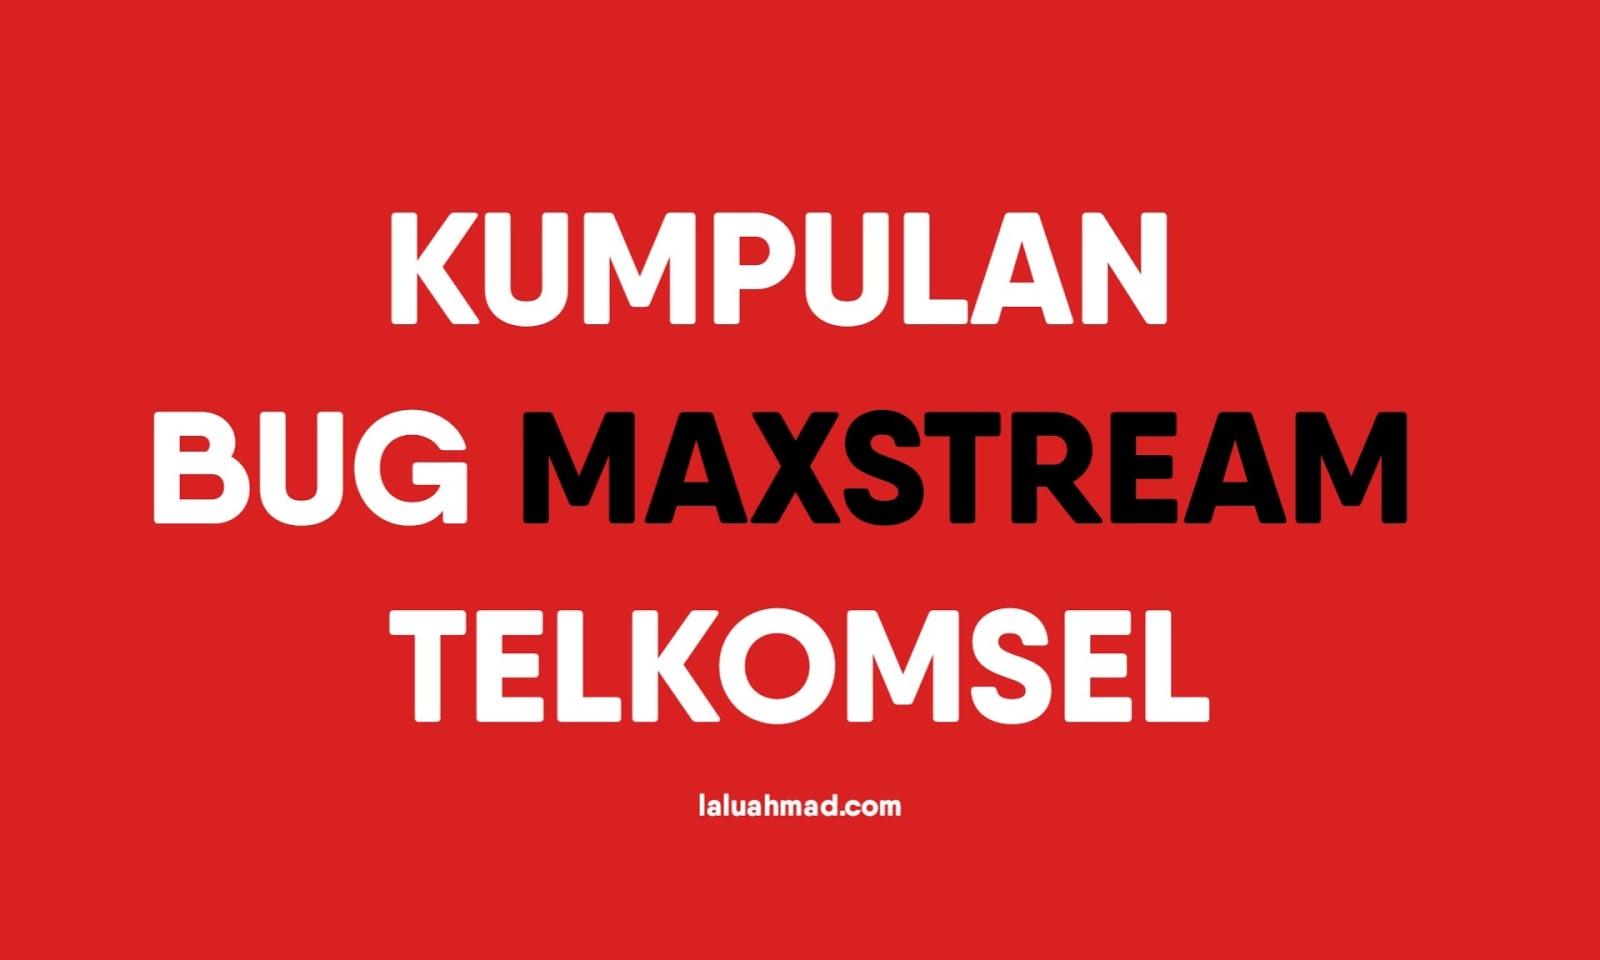 Kumpulan Bug MAXstream Telkomsel Terbaru 2021/2022